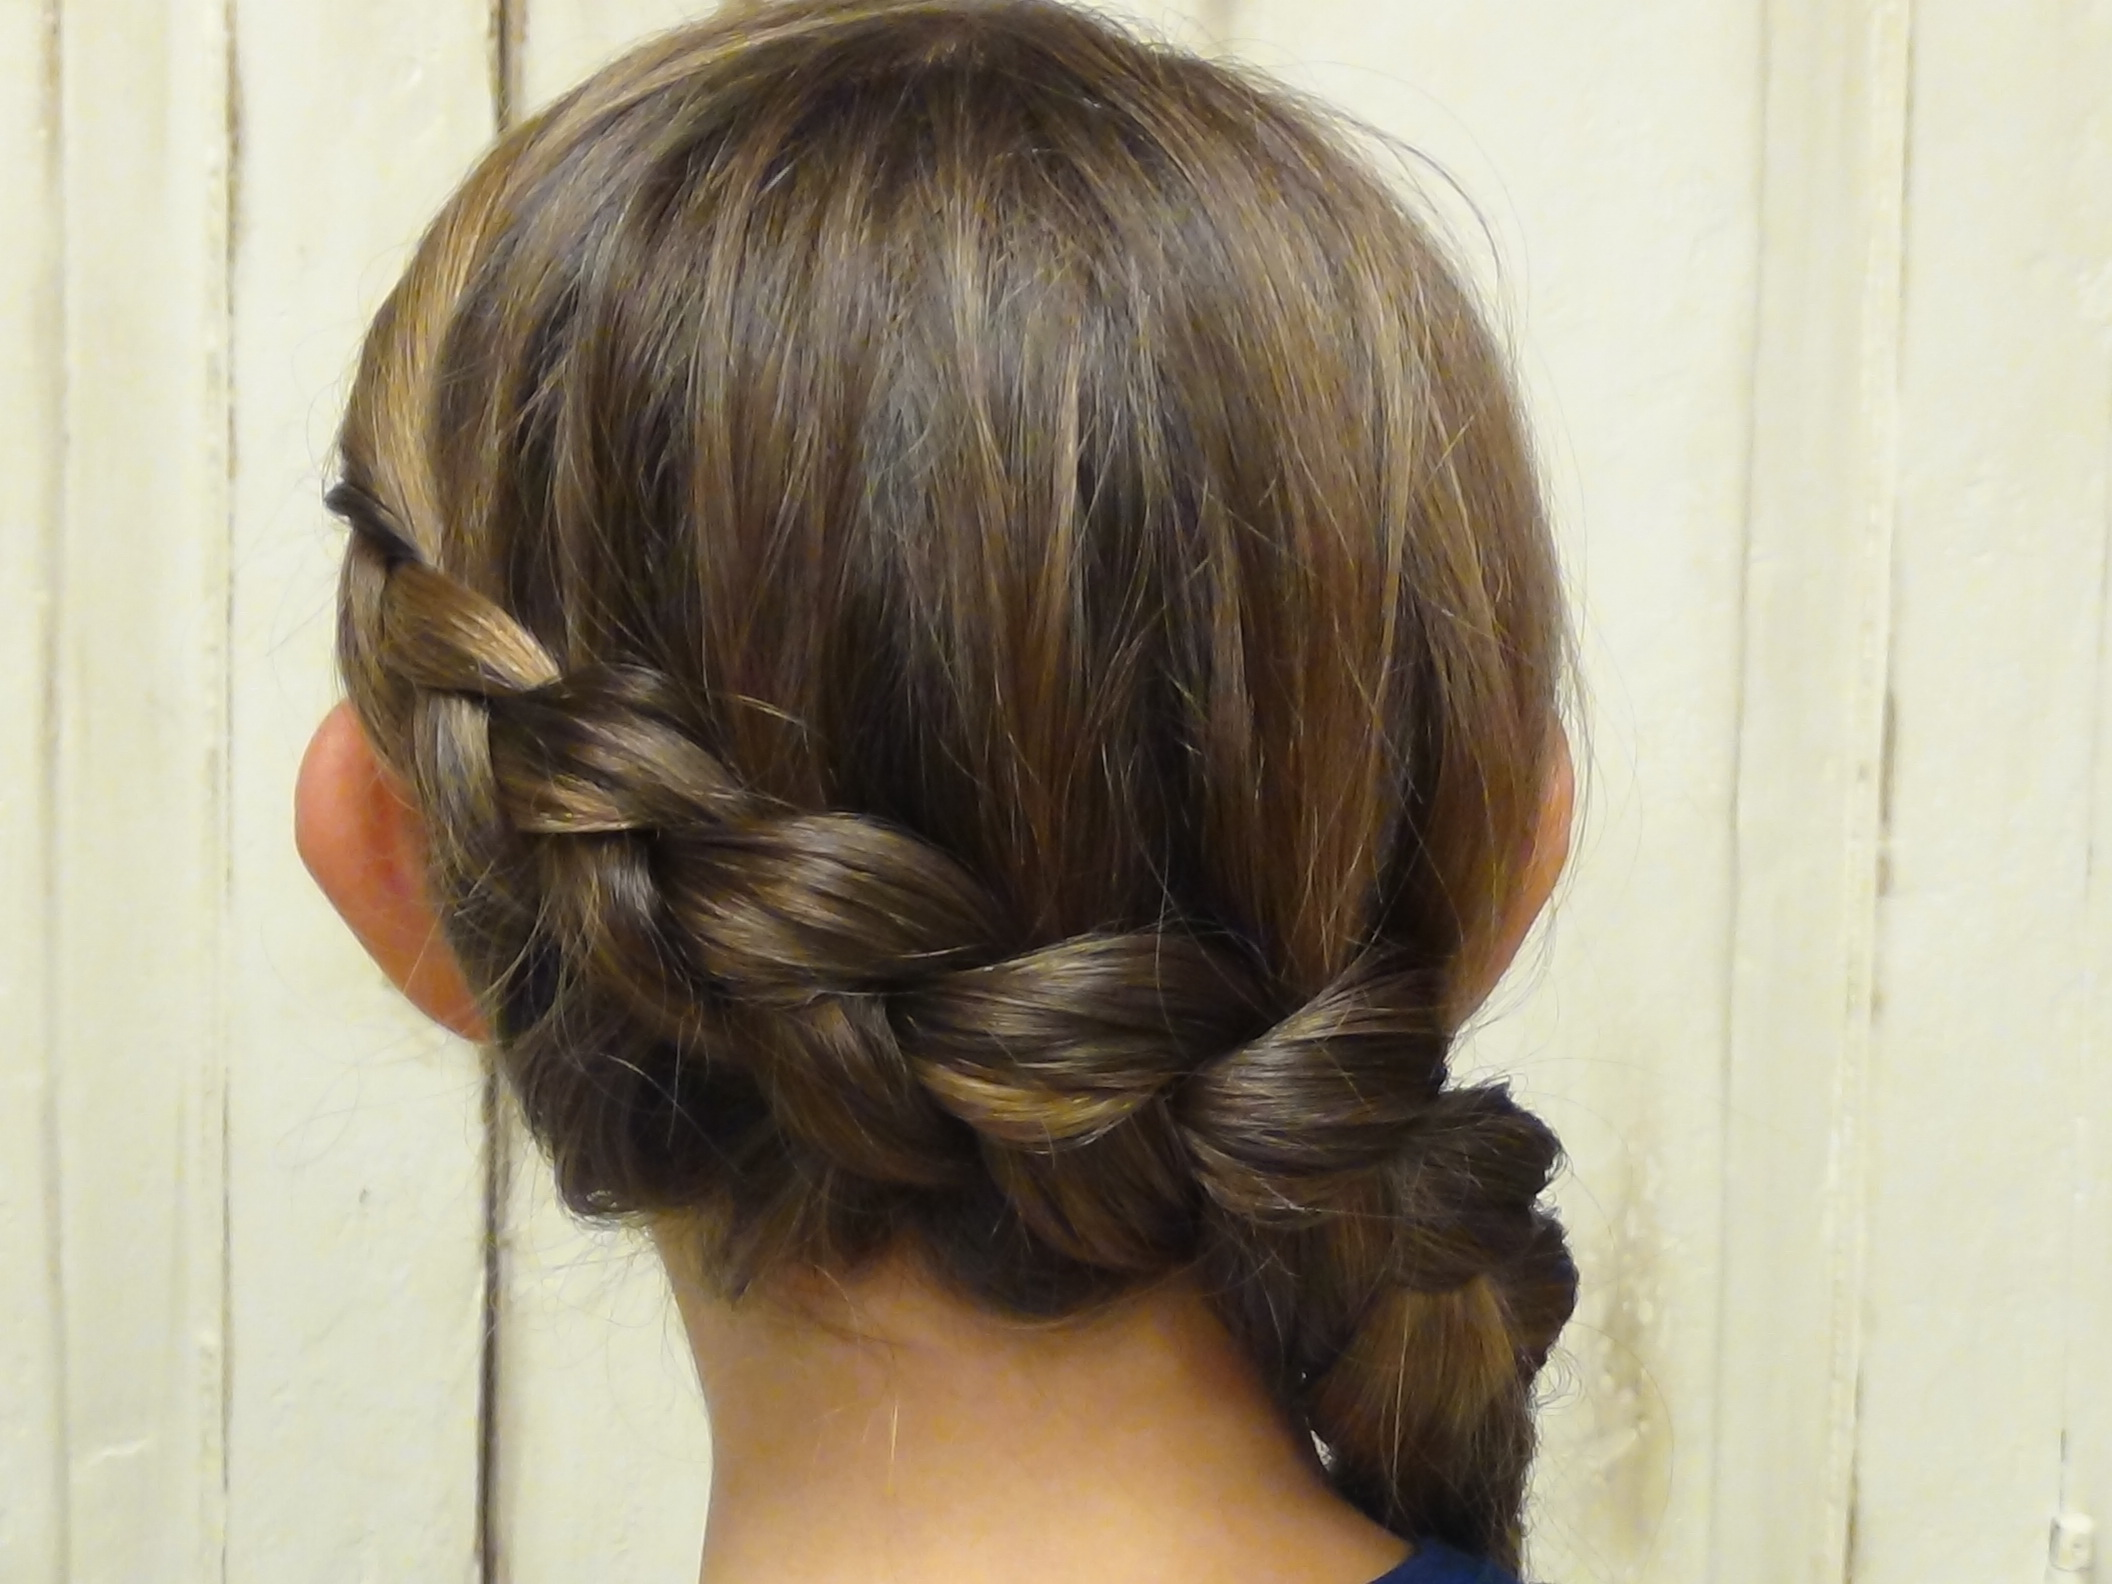 Fabulous Updated Katniss Everdeen Braid Hunger Games Boys And Girls Short Hairstyles Gunalazisus